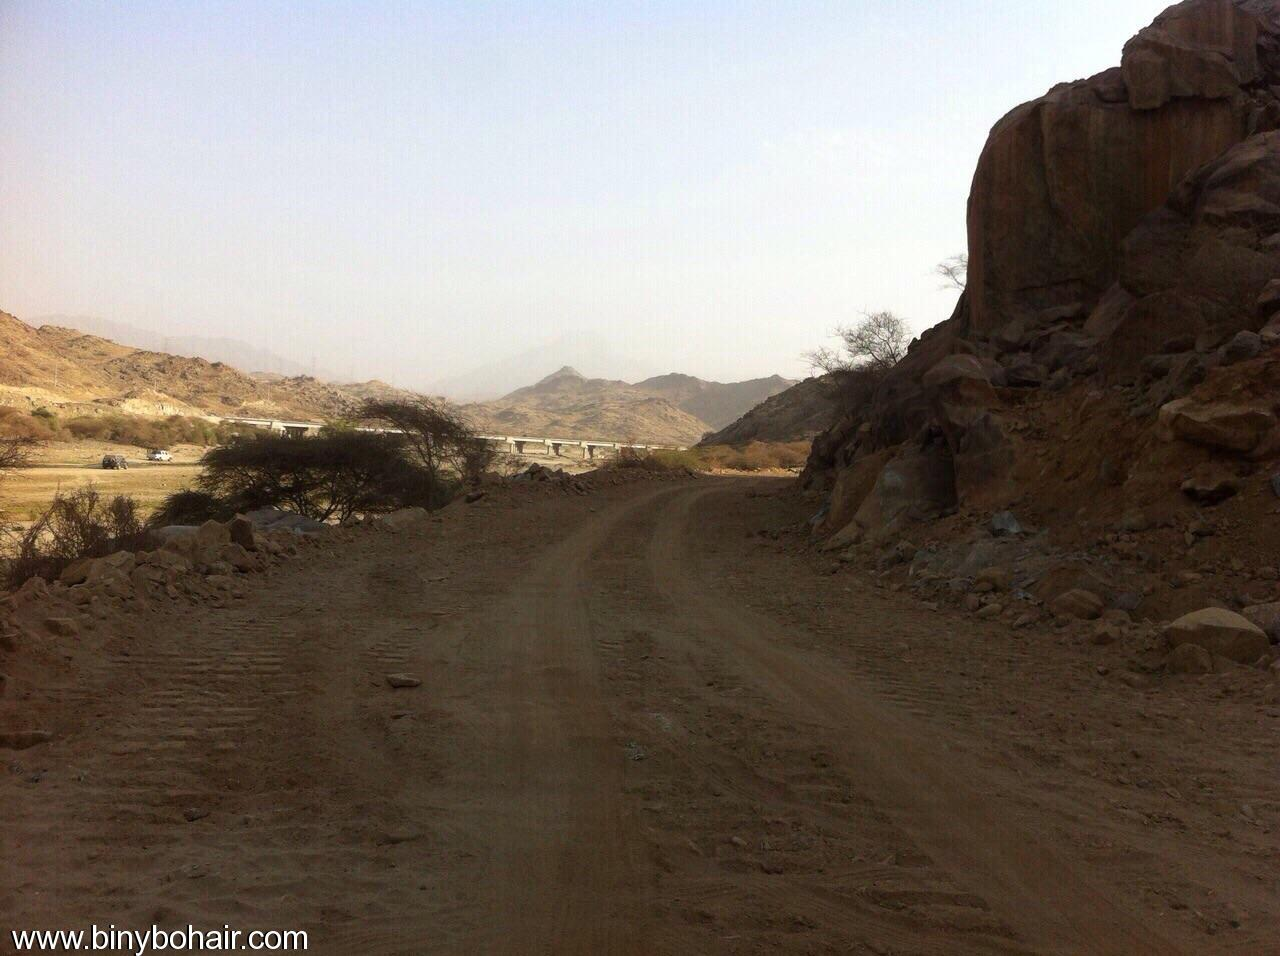 شاهد افتتاح وربط قرية المسلمة q1o23248.jpg